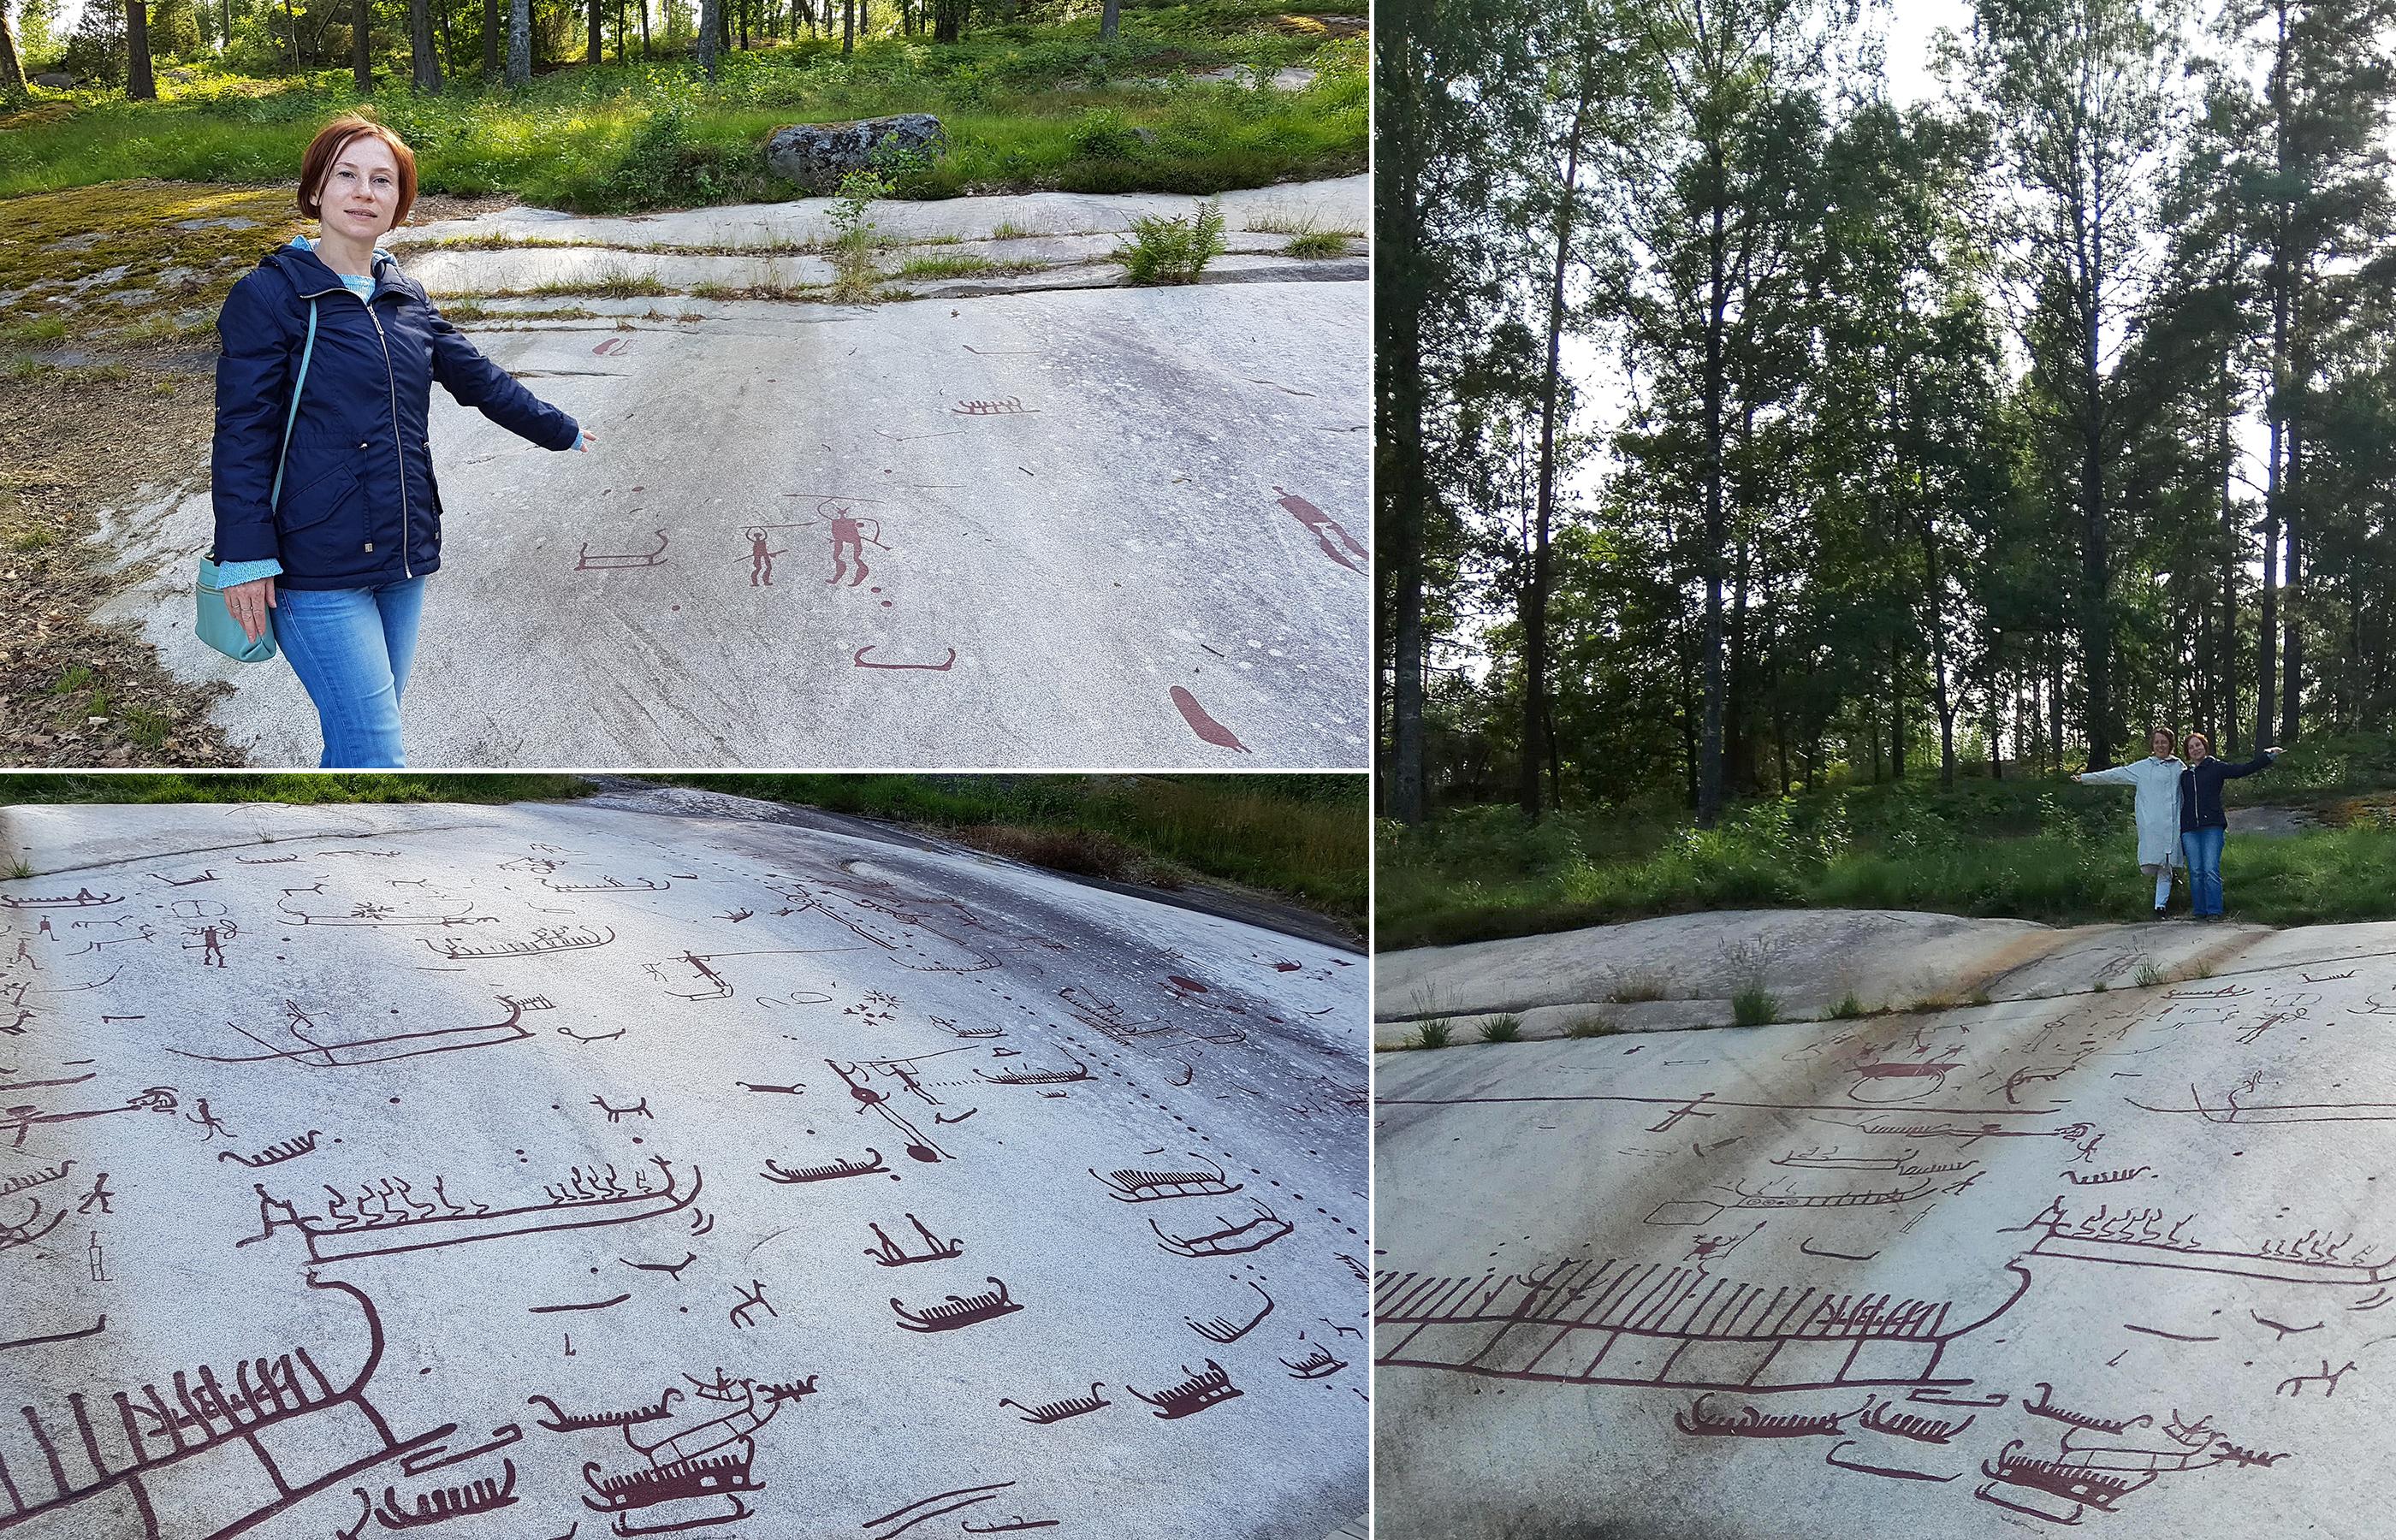 Танум - комплекс наскальных изображение в провинции Бохуслен (Bohuslan), Швеция